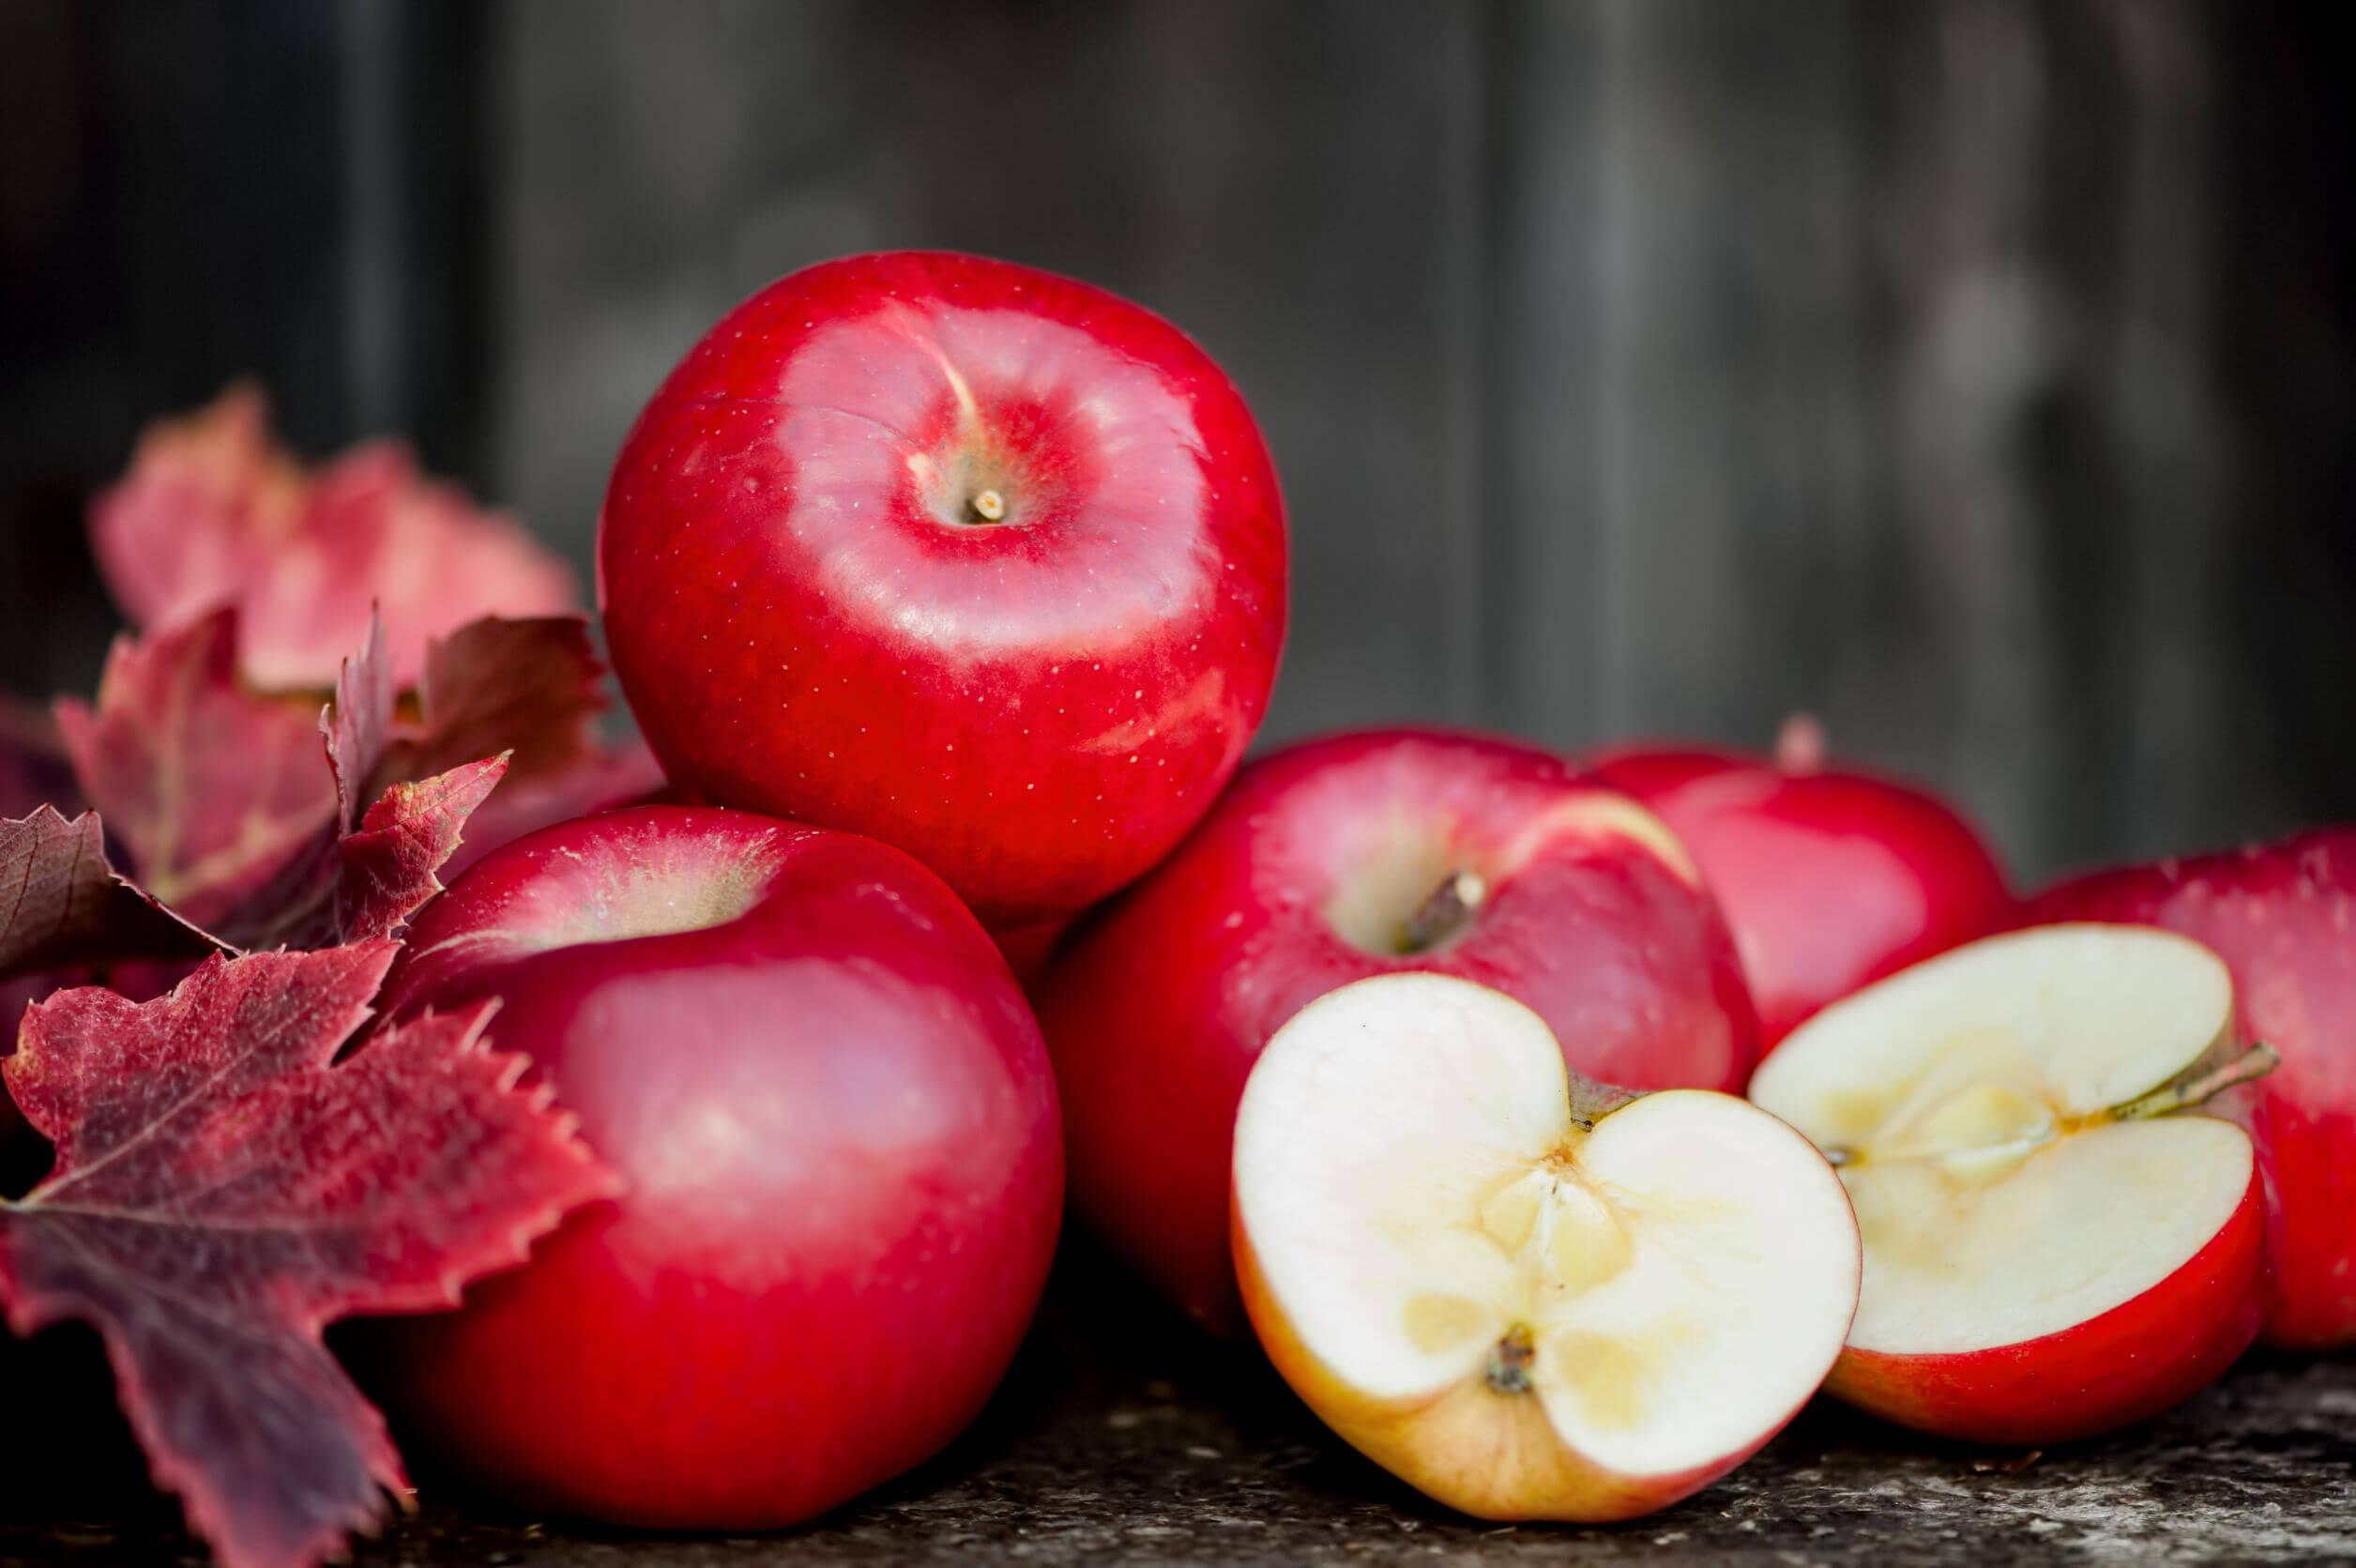 La dieta del limón puede complementarse con manzanas.